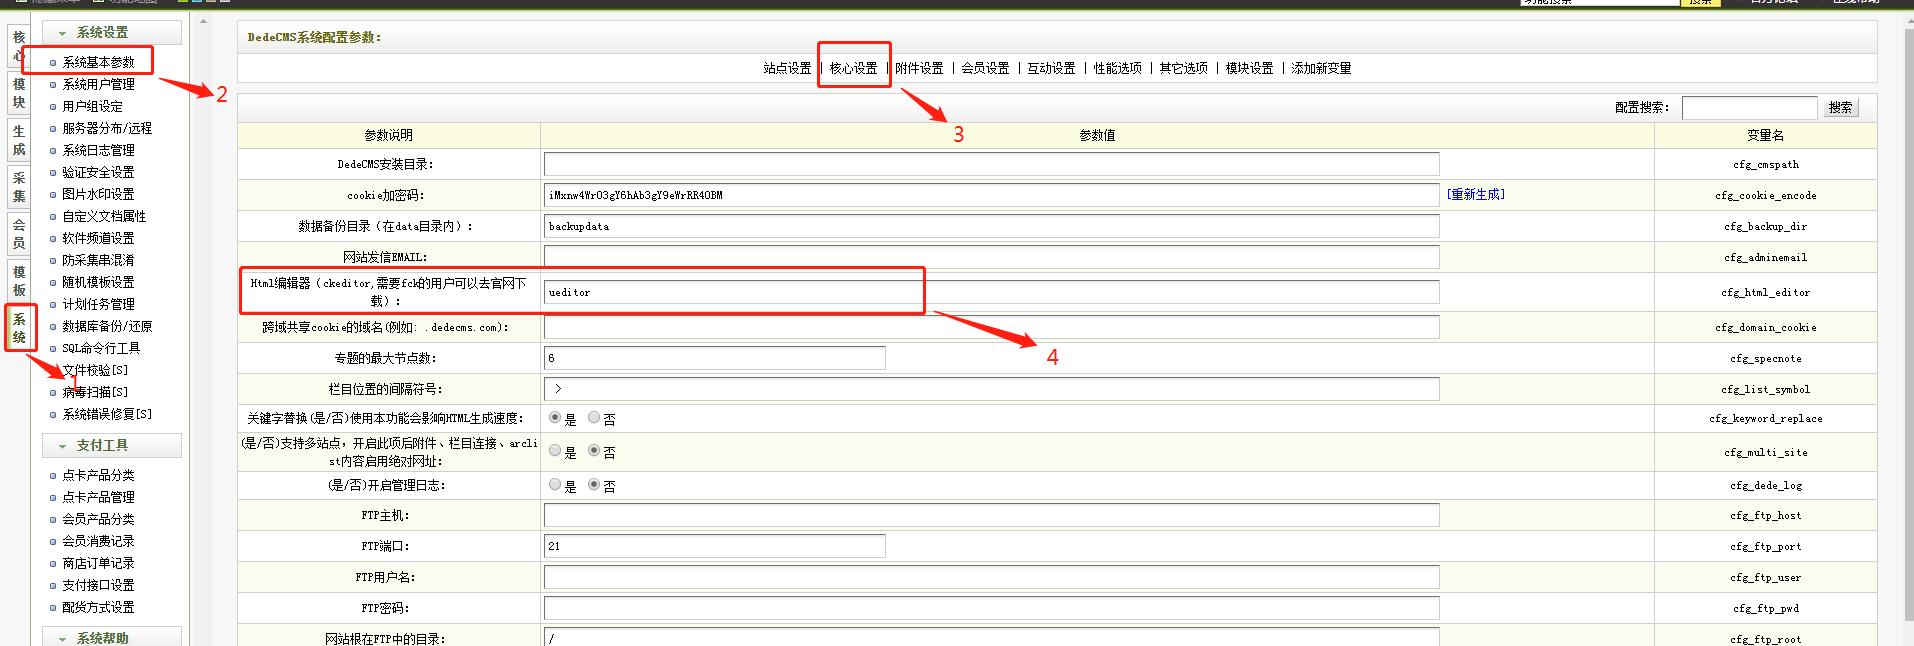 织梦网站后台编辑器设置